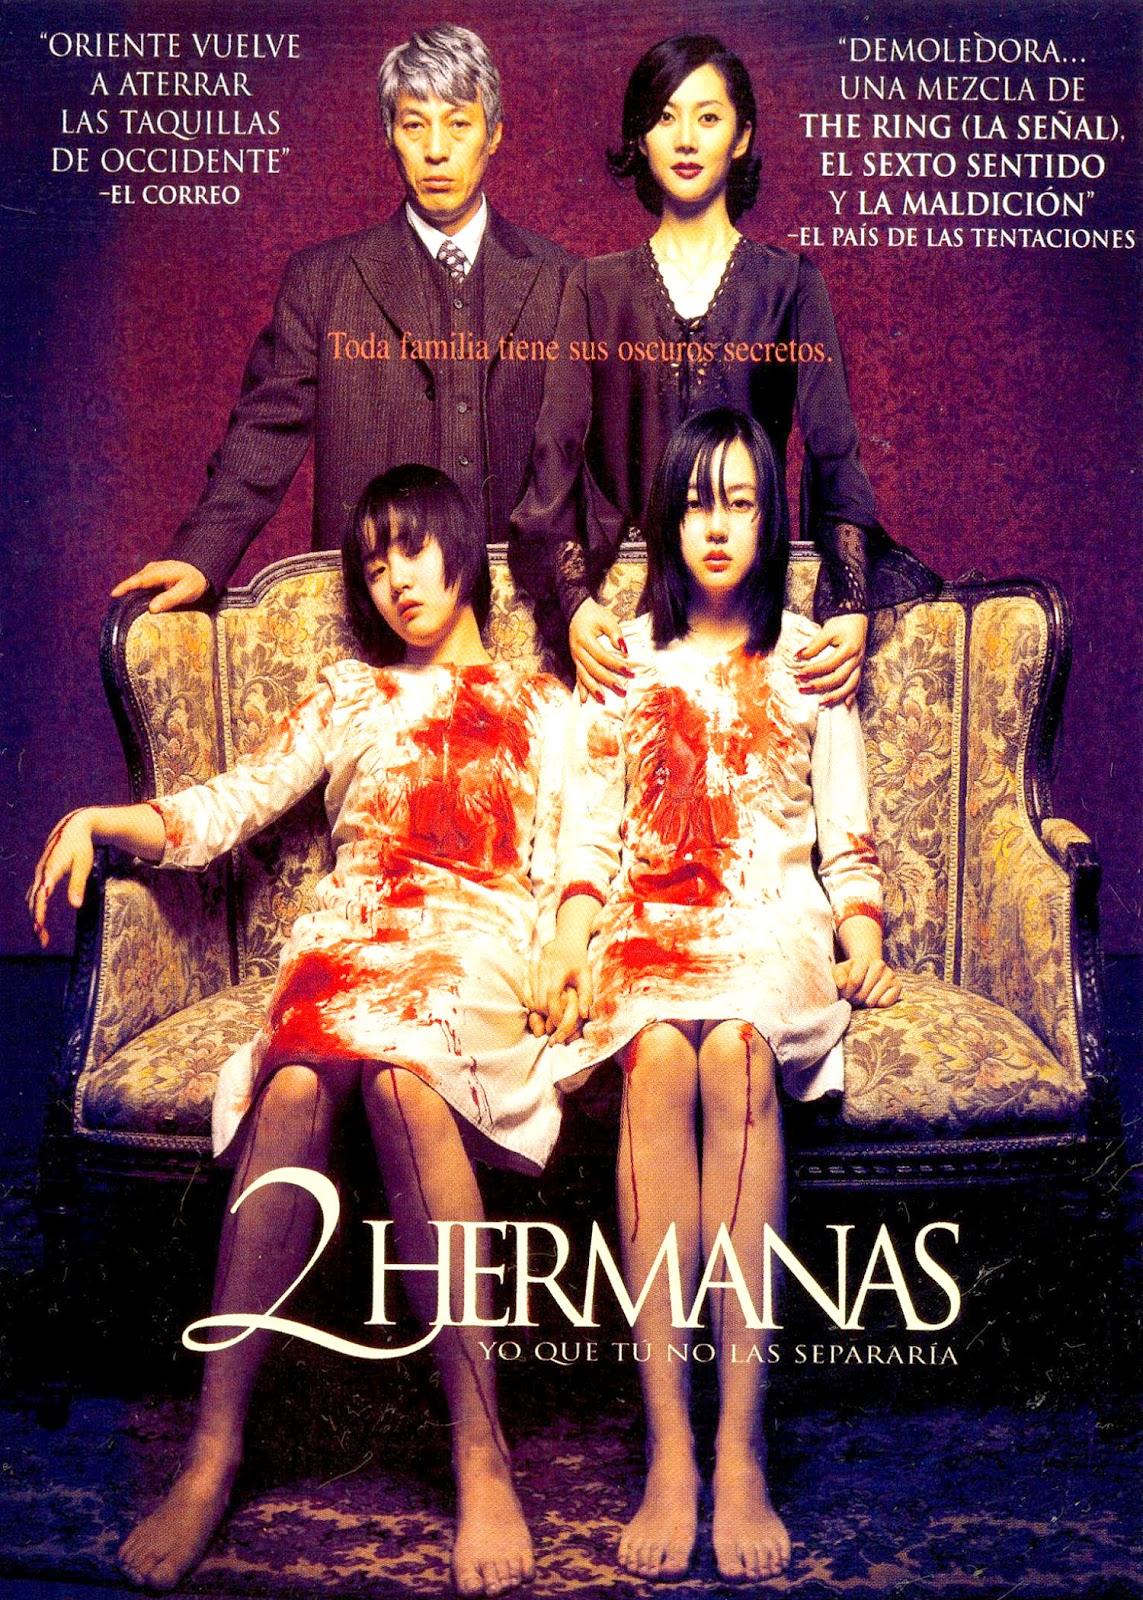 Película Dos Hermanas 2003 De Kim Jee Woon